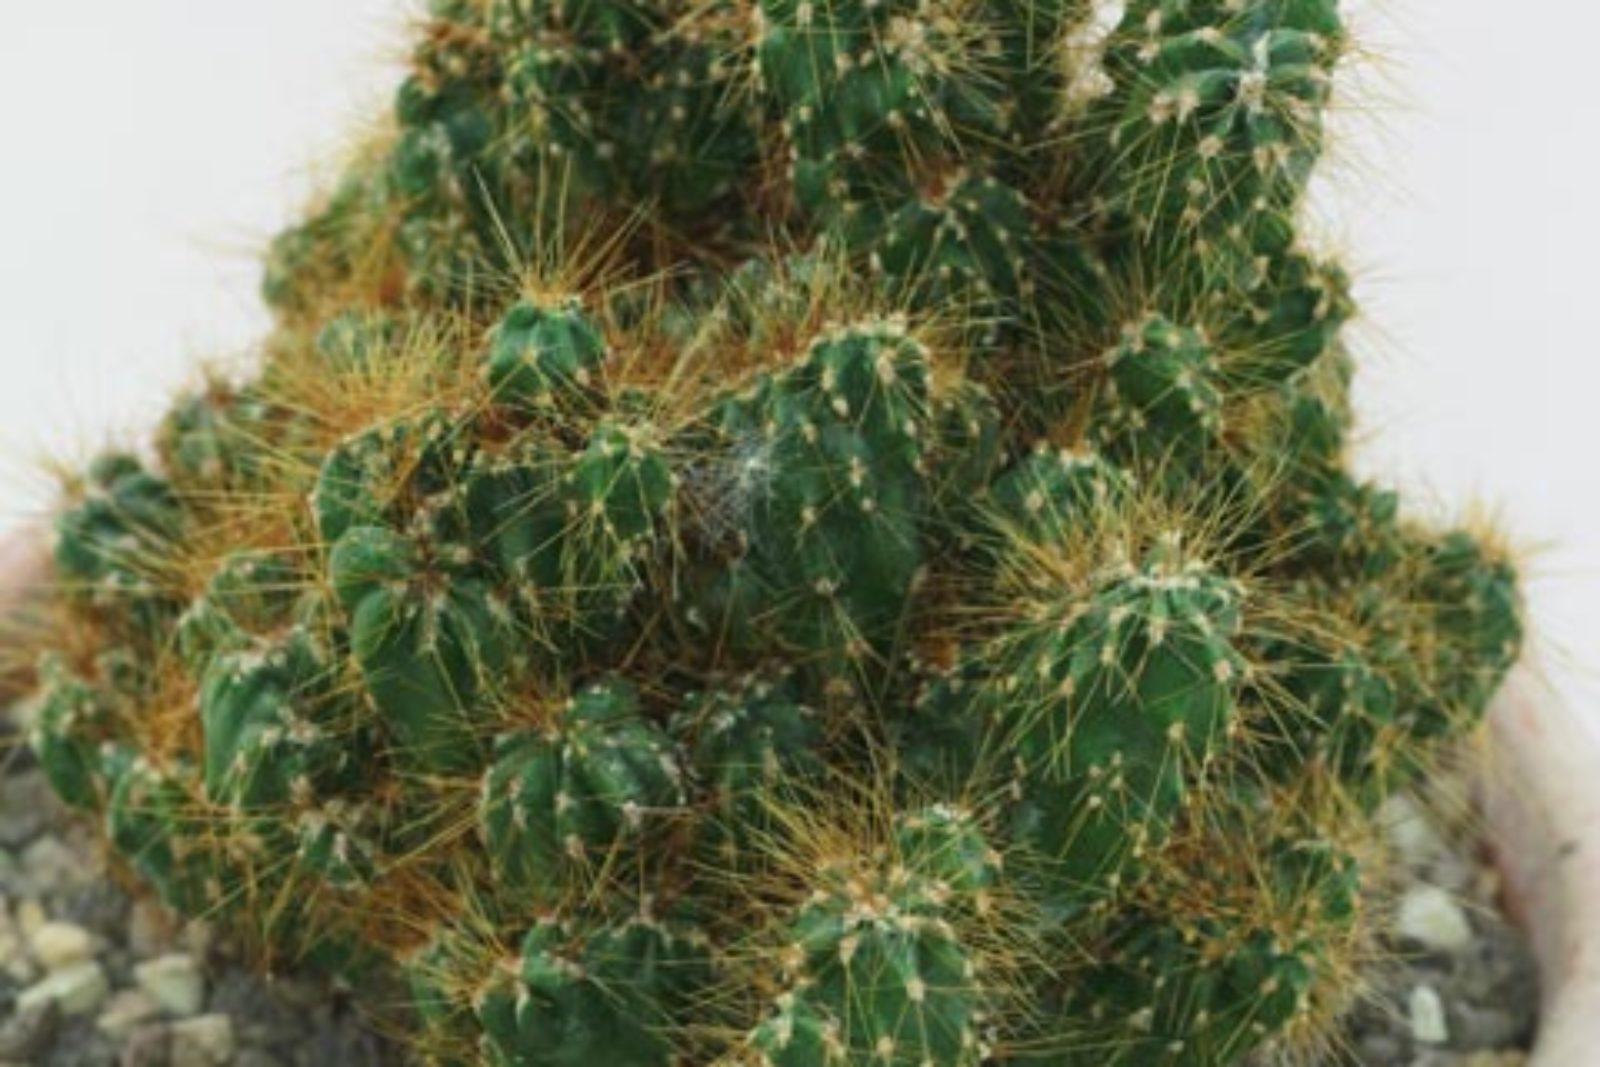 Cereus repandus var. monstrosus